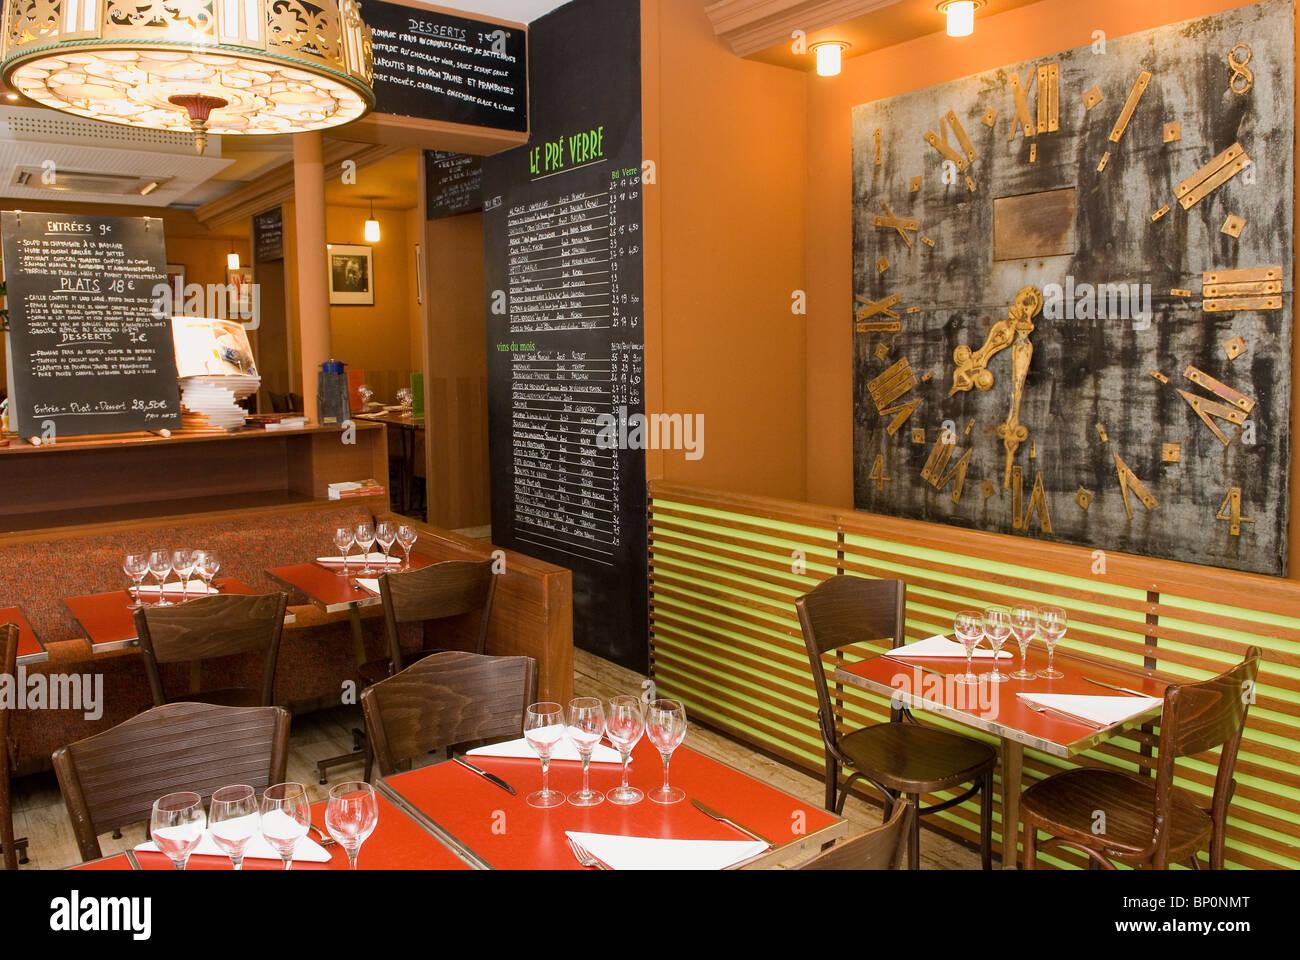 France, Paris, 5th arrondissement, 'Le pré verre' restaurant in Thenard street - Stock Image